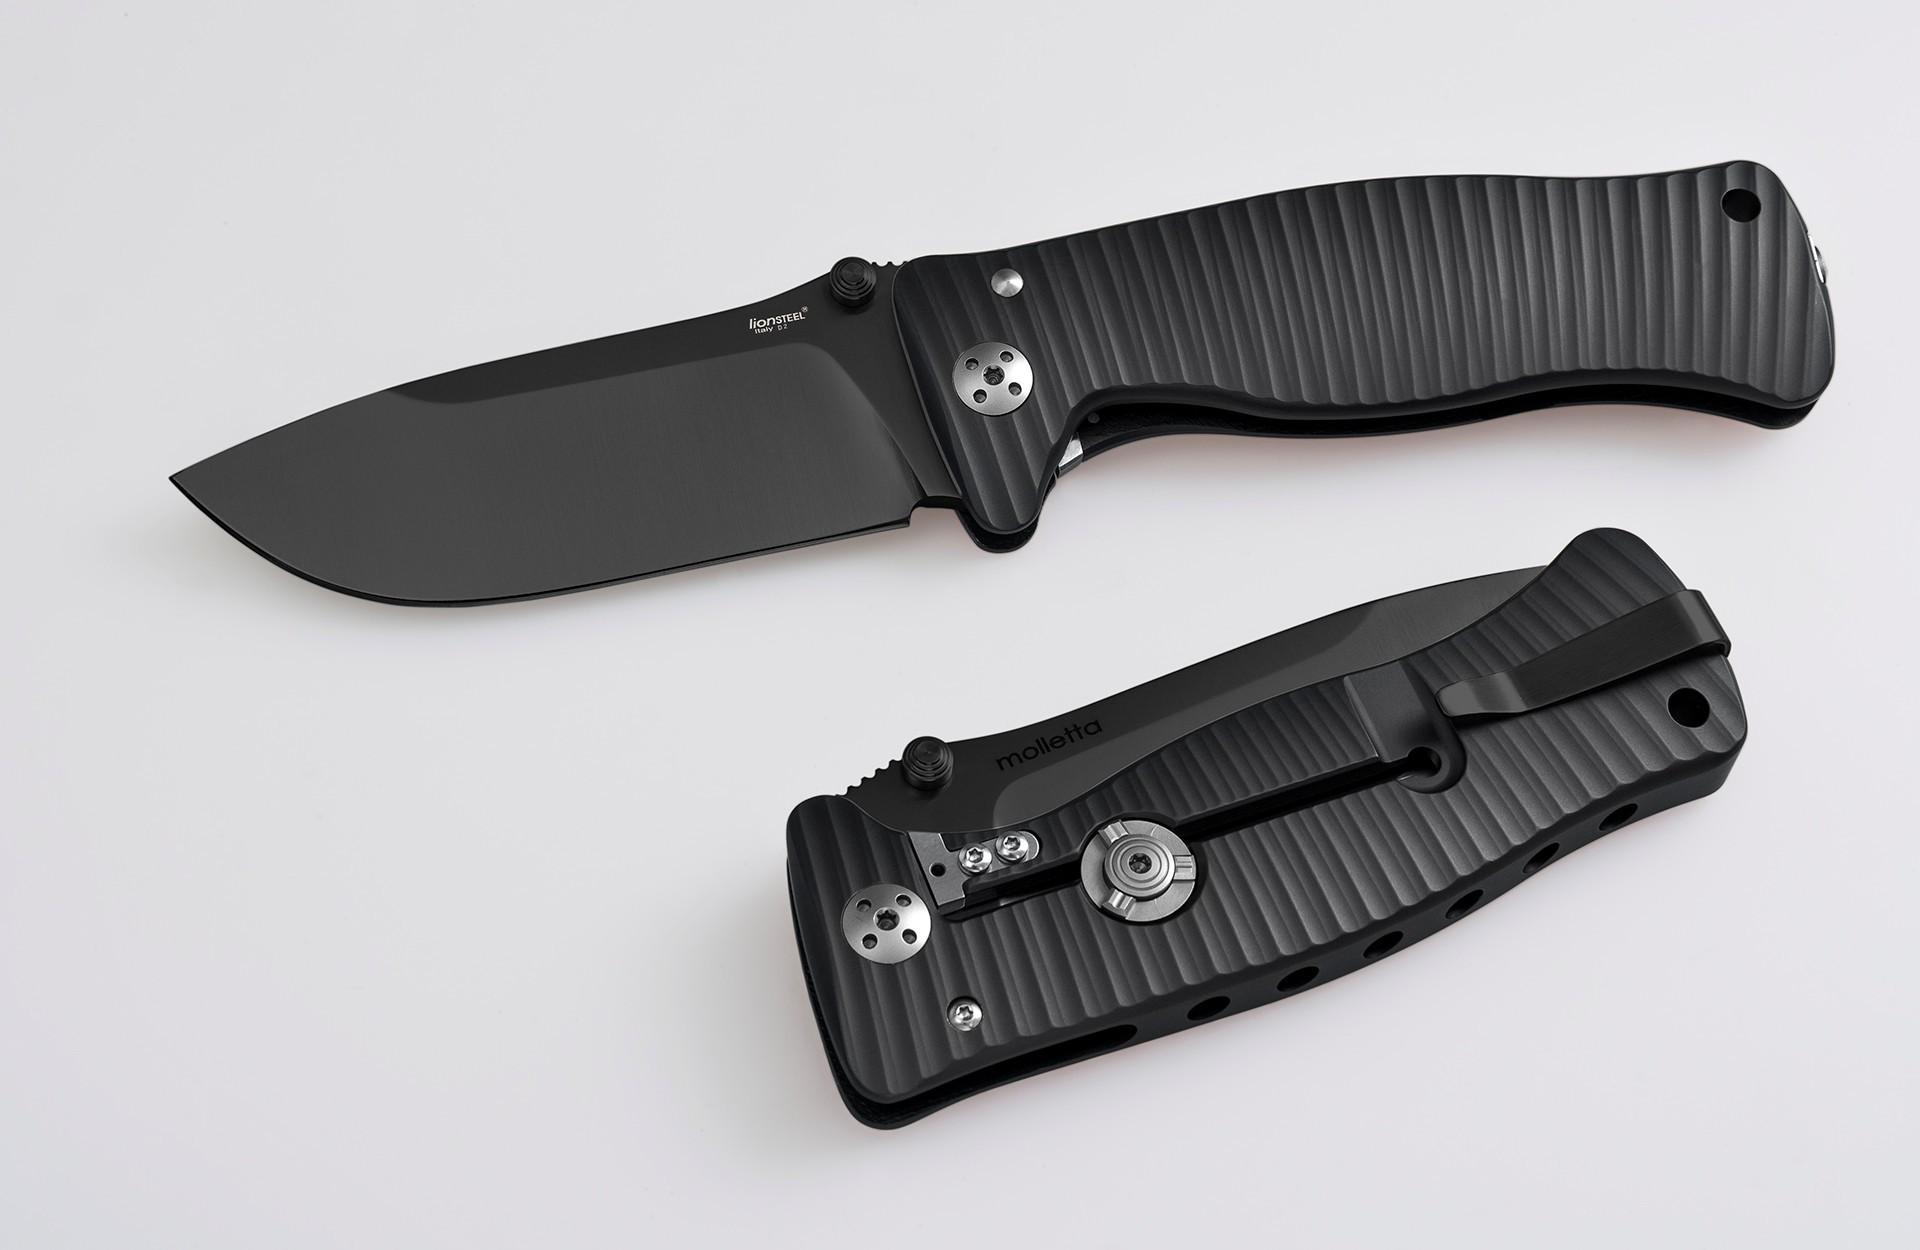 Фото 2 - Нож складной SR-1, Solid® Black Anodized Aluminum Handle, Black MilSpec Finish D2 Tool Steel от Lion Steel